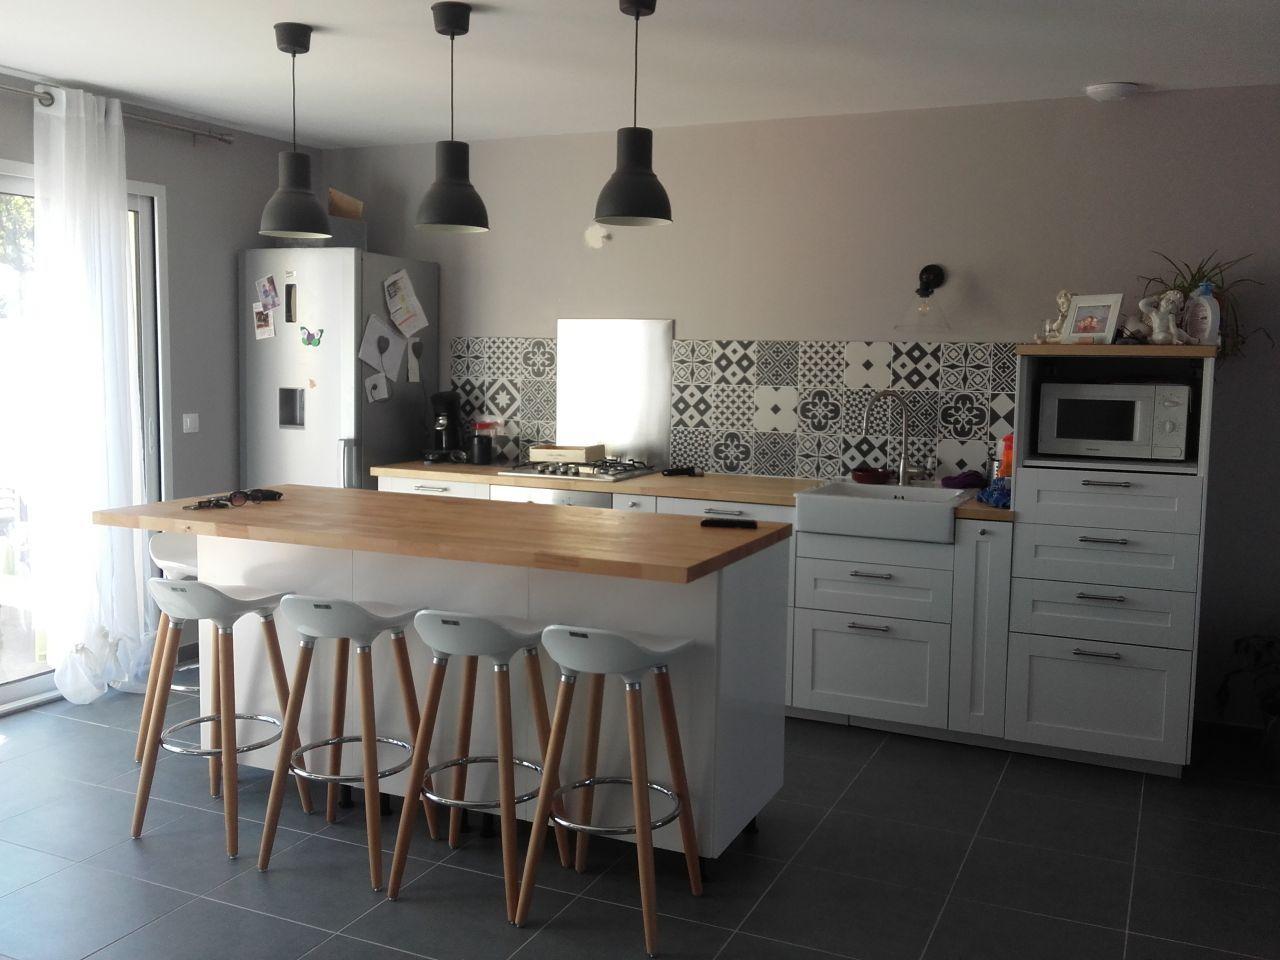 Cuisine 44m2 cuisine sol gris foncé - Bedarrides (Vaucluse - 84 ...